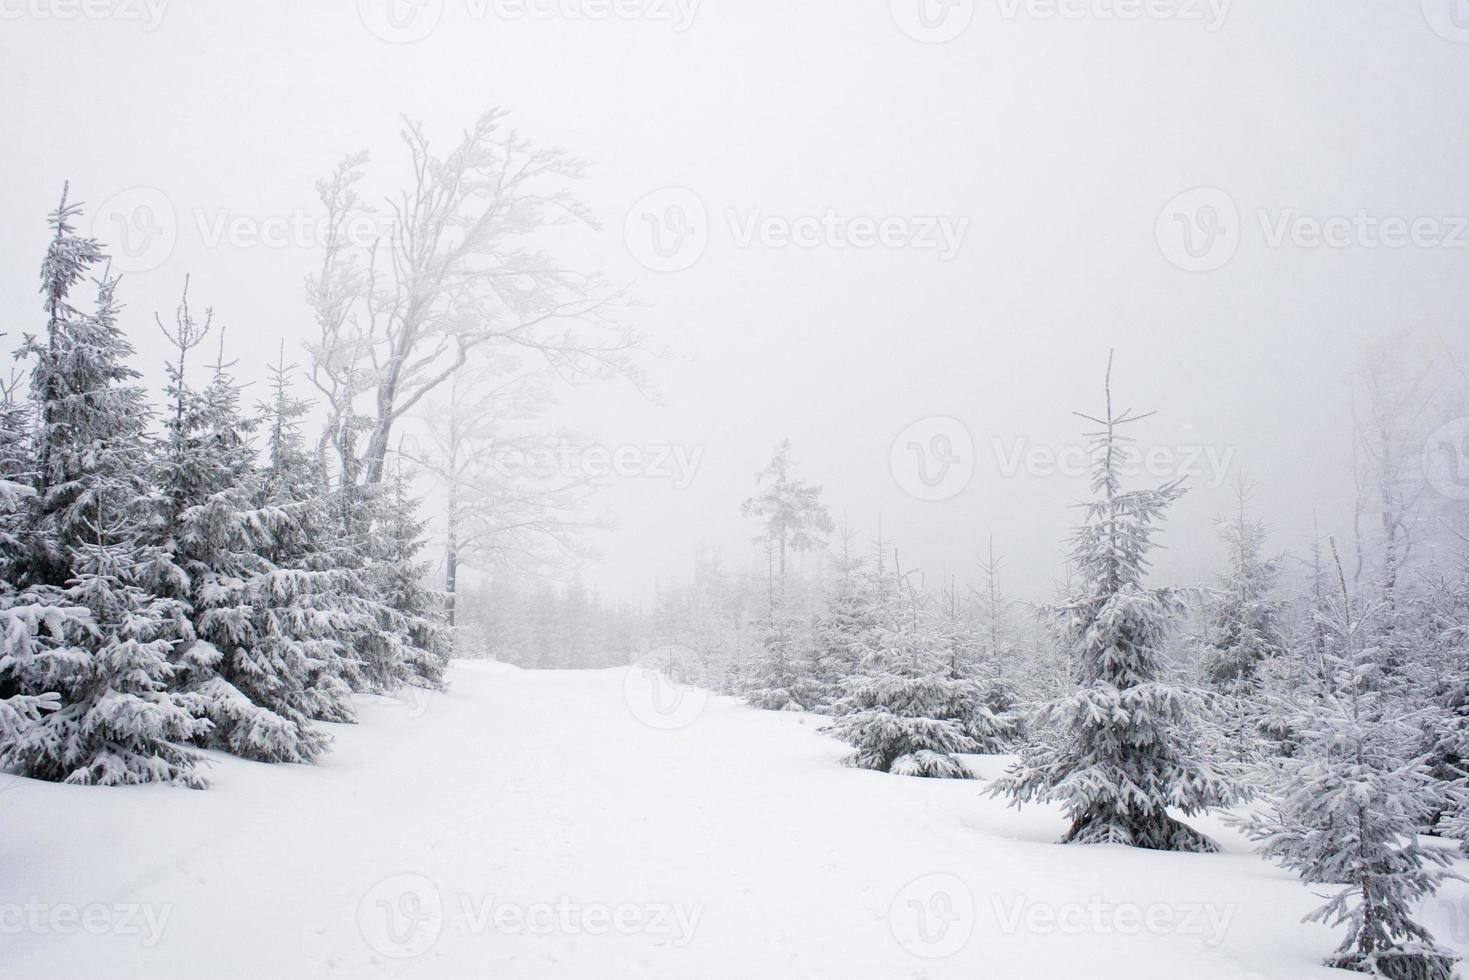 caminho de inverno no meio do nevoeiro foto